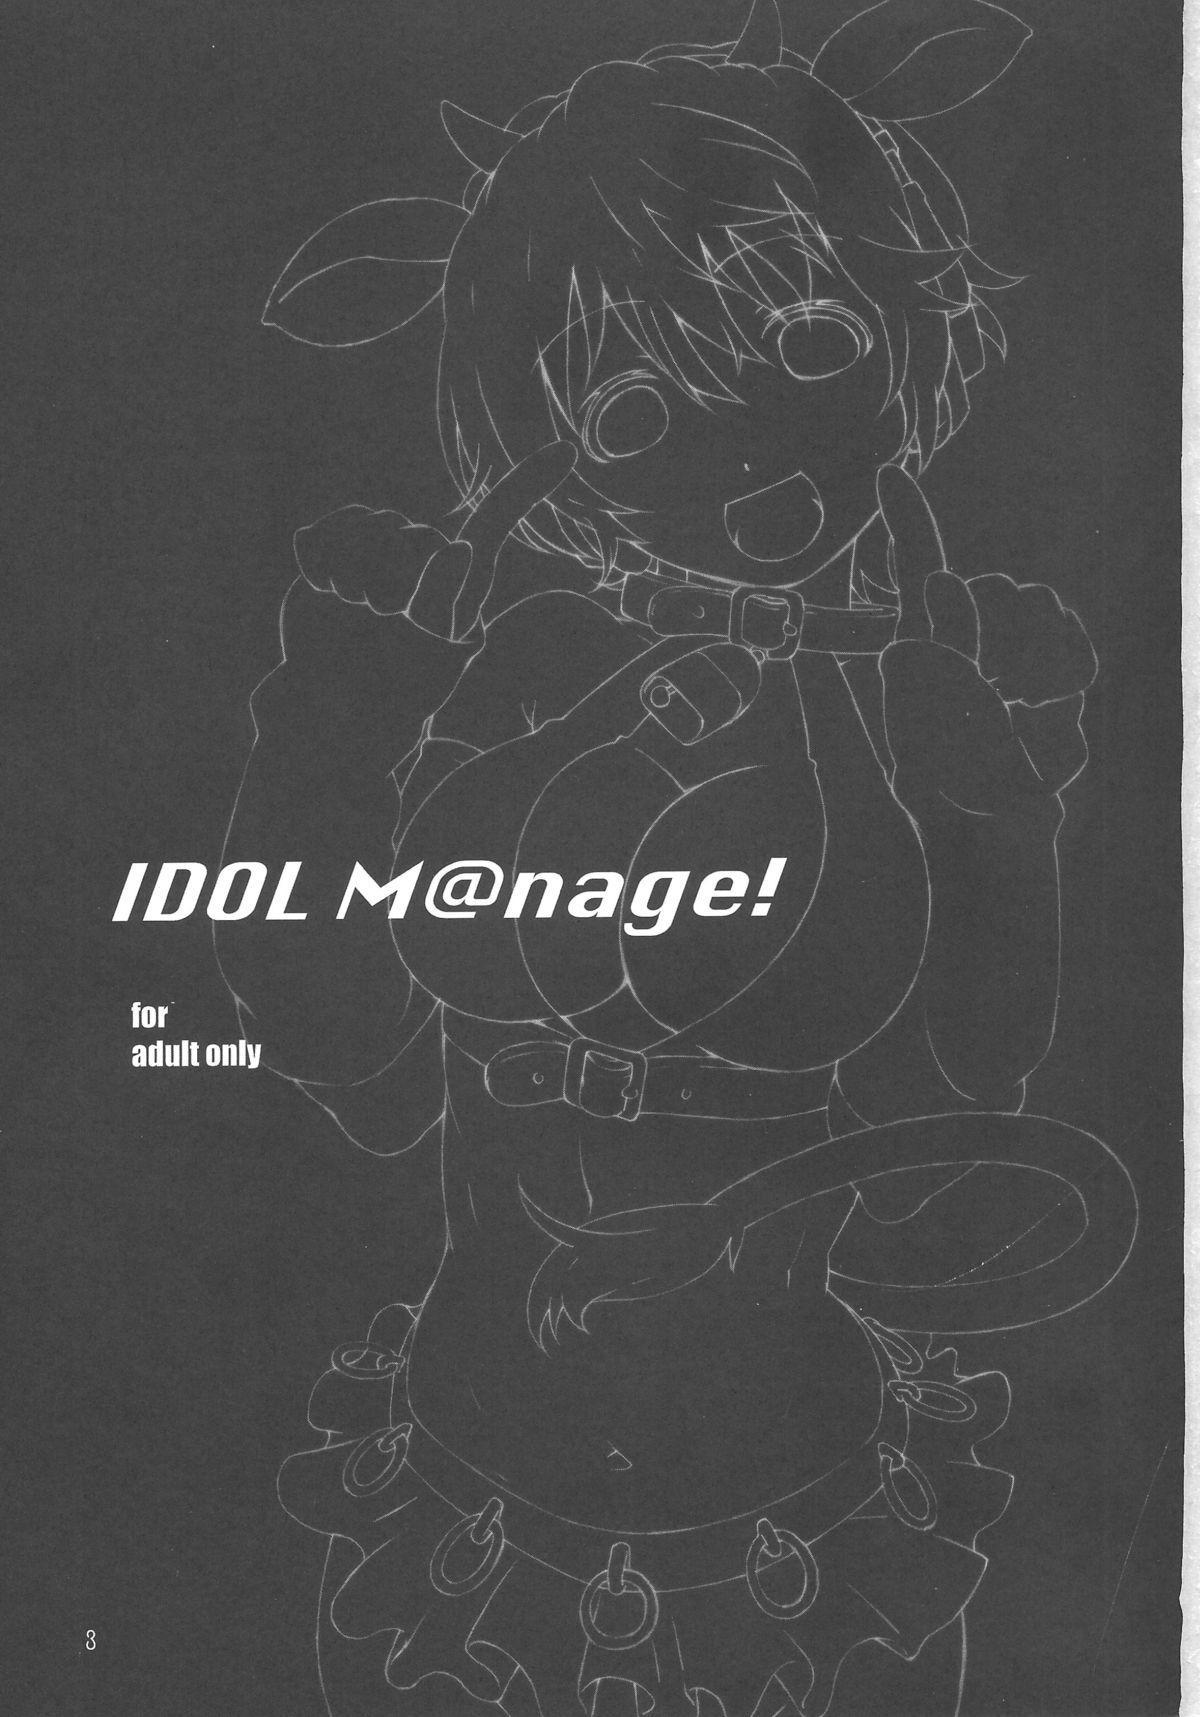 IDOL M@nage! 1